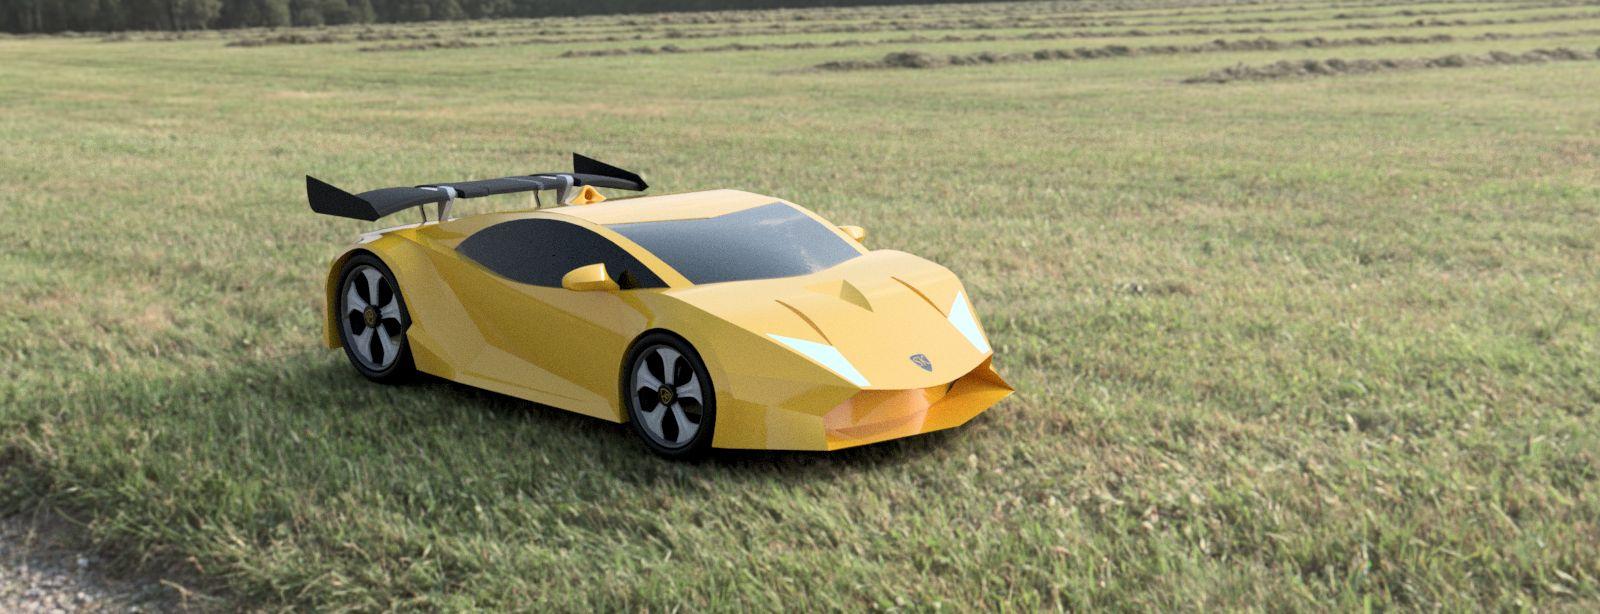 Concept-car-2-23-3500-3500